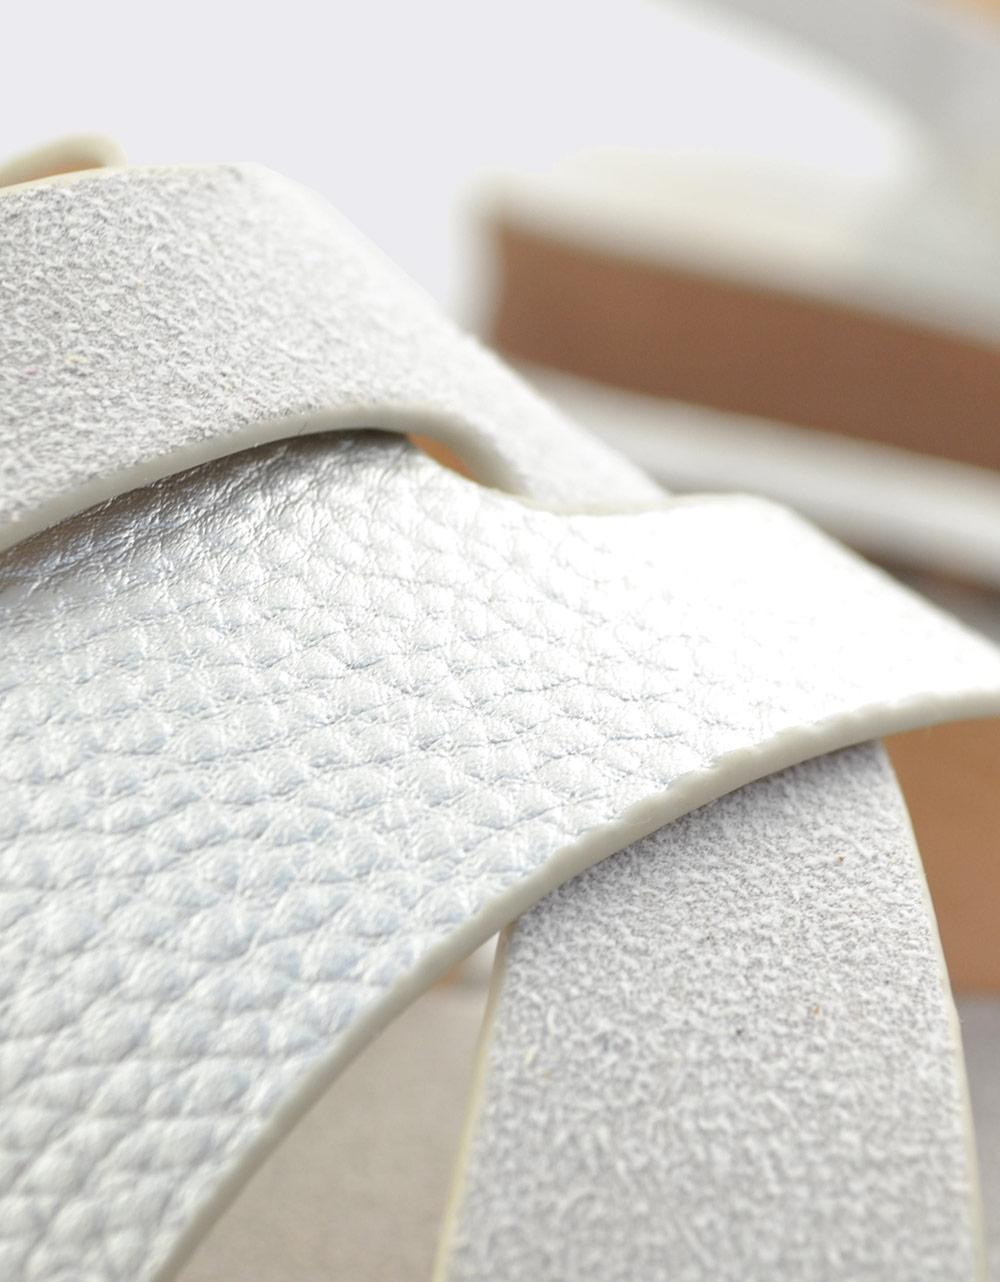 Εικόνα από Γυναικεία σανδάλια με ανάγλυφες λεπτομέρειες Γκρι